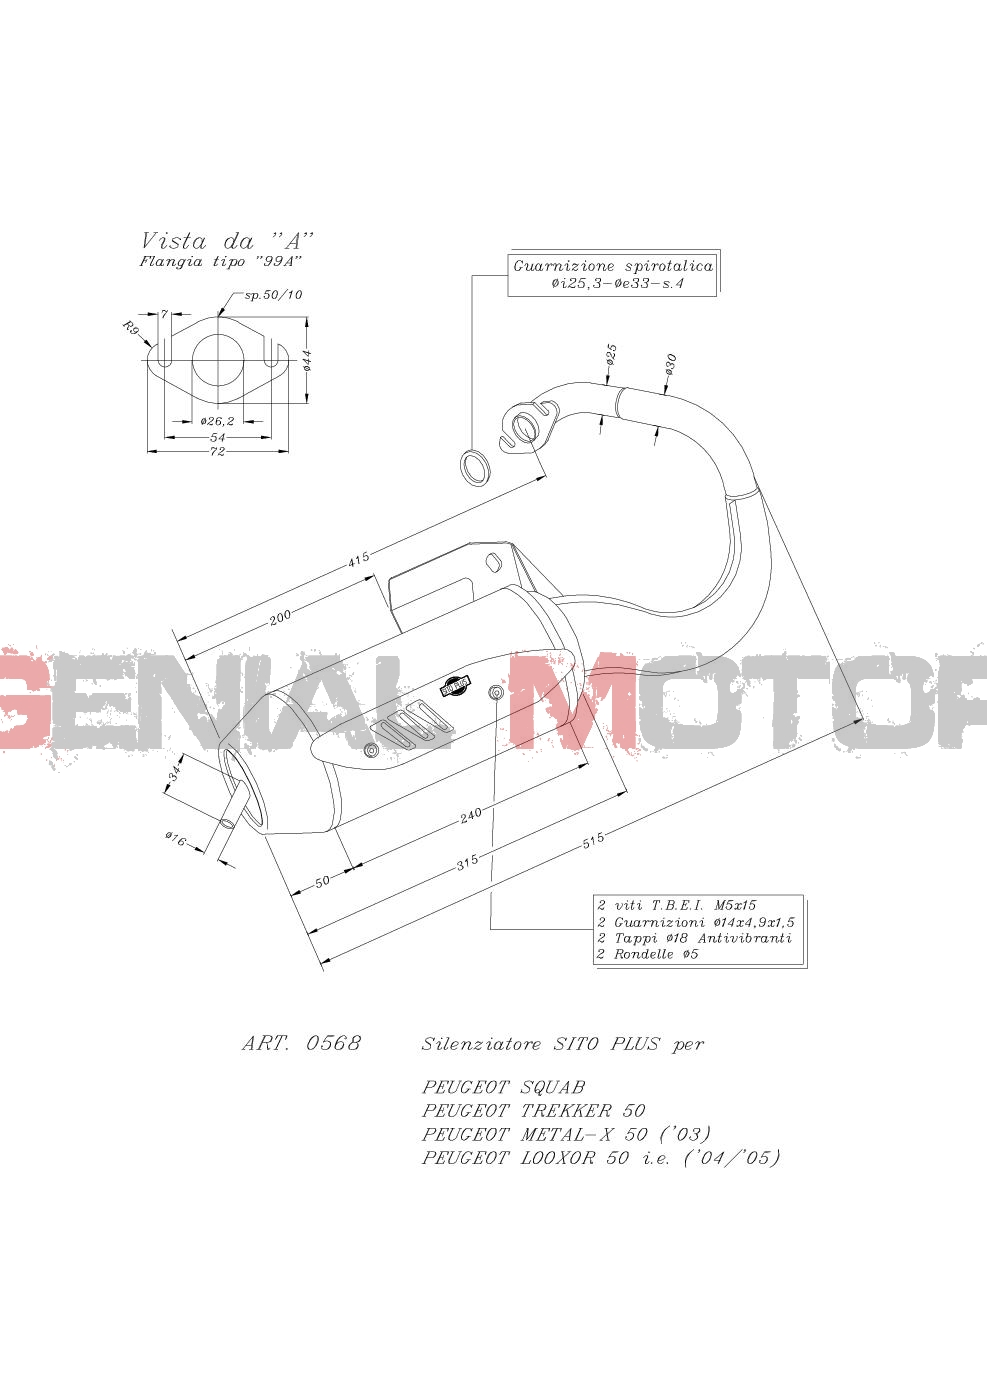 0568 Pot D'Echappement Complete Leovince Sitoplus Acier Peugeot Squab 1995 > 1997